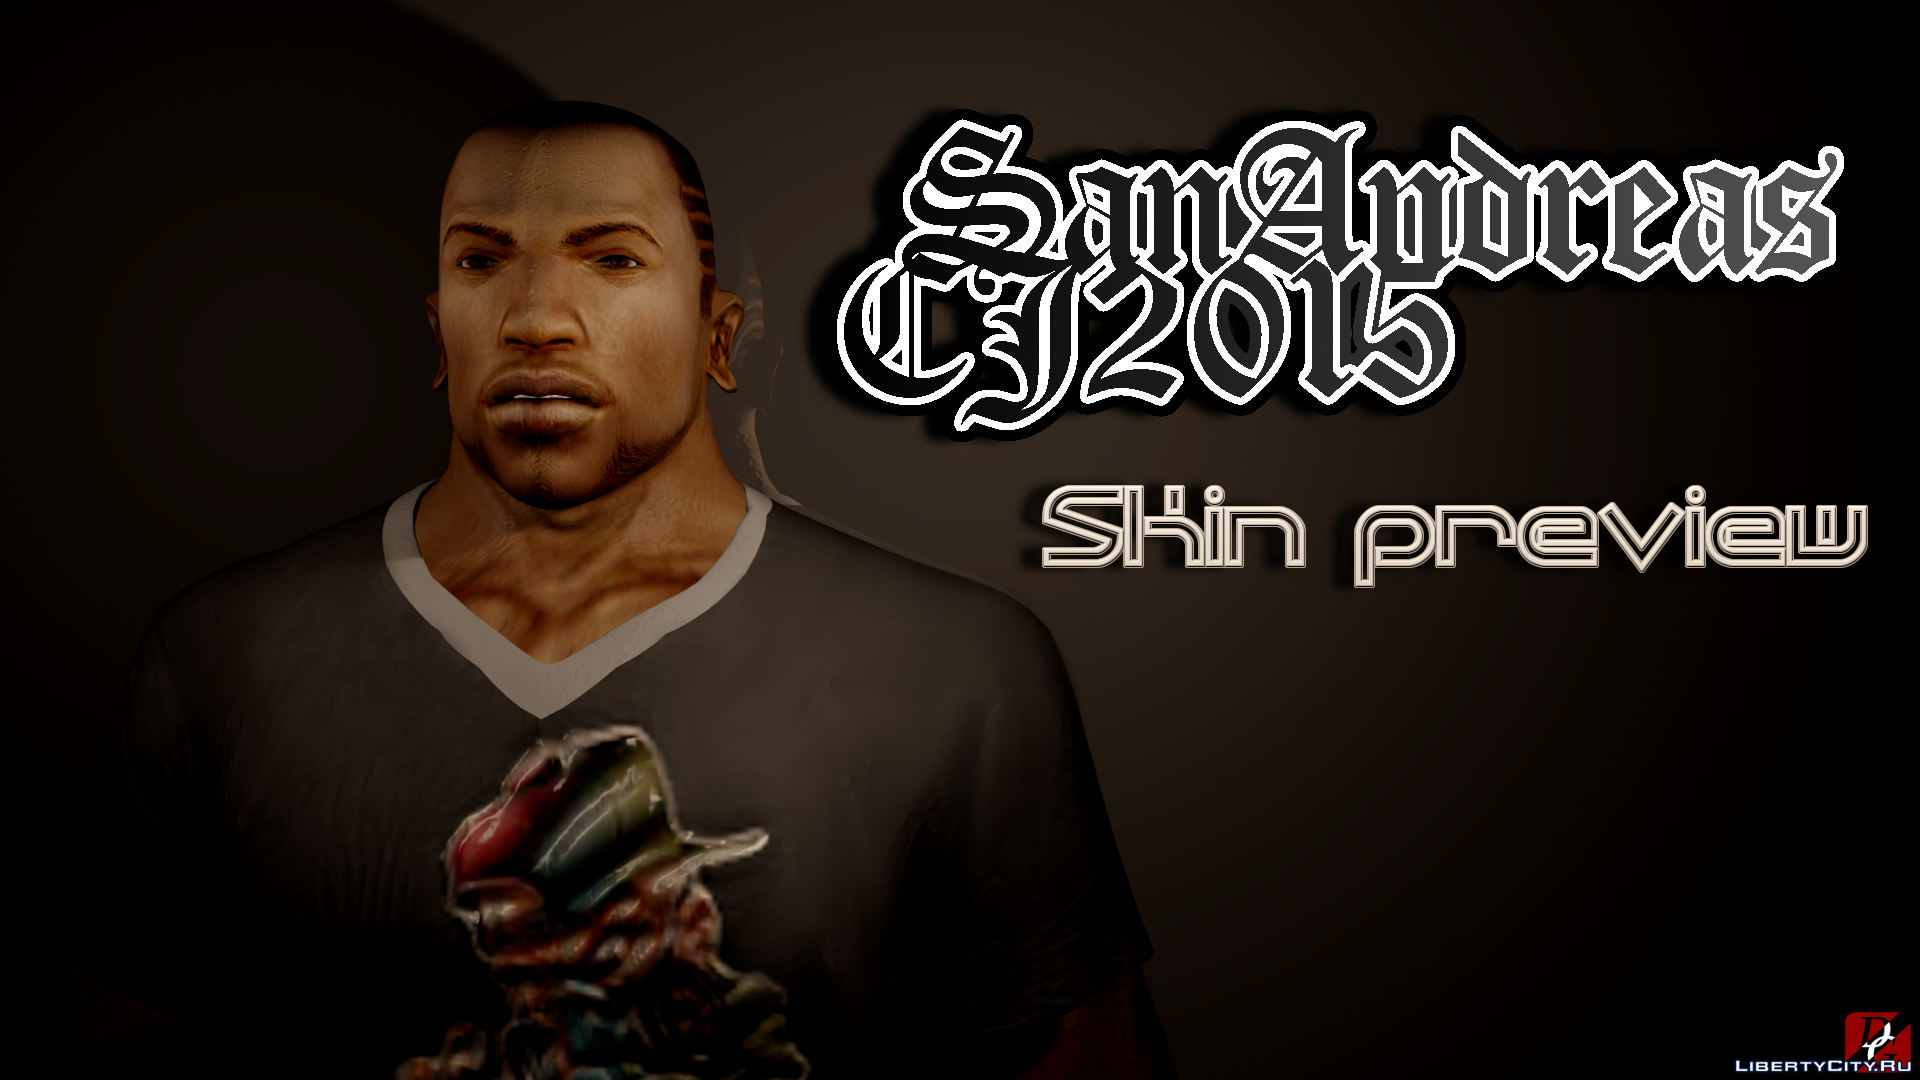 CJ2015: Skin preview 0